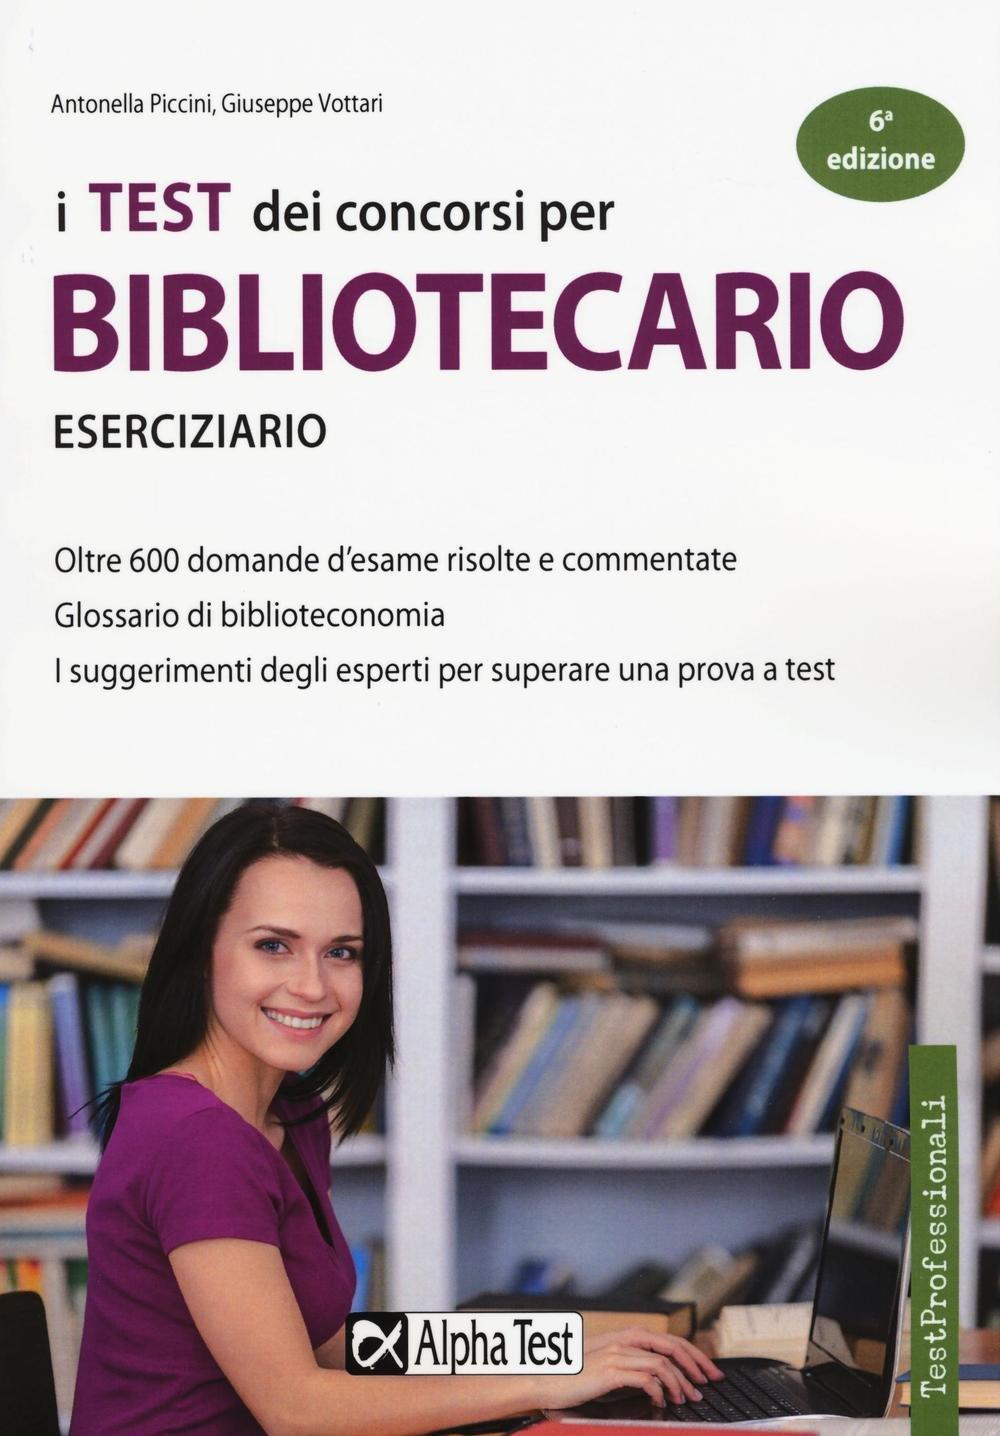 I test dei concorsi per bibliotecario. Eserciziario Copertina flessibile – 7 lug 2016 Antonella Piccini Giuseppe Vottari Alpha Test 8848318894